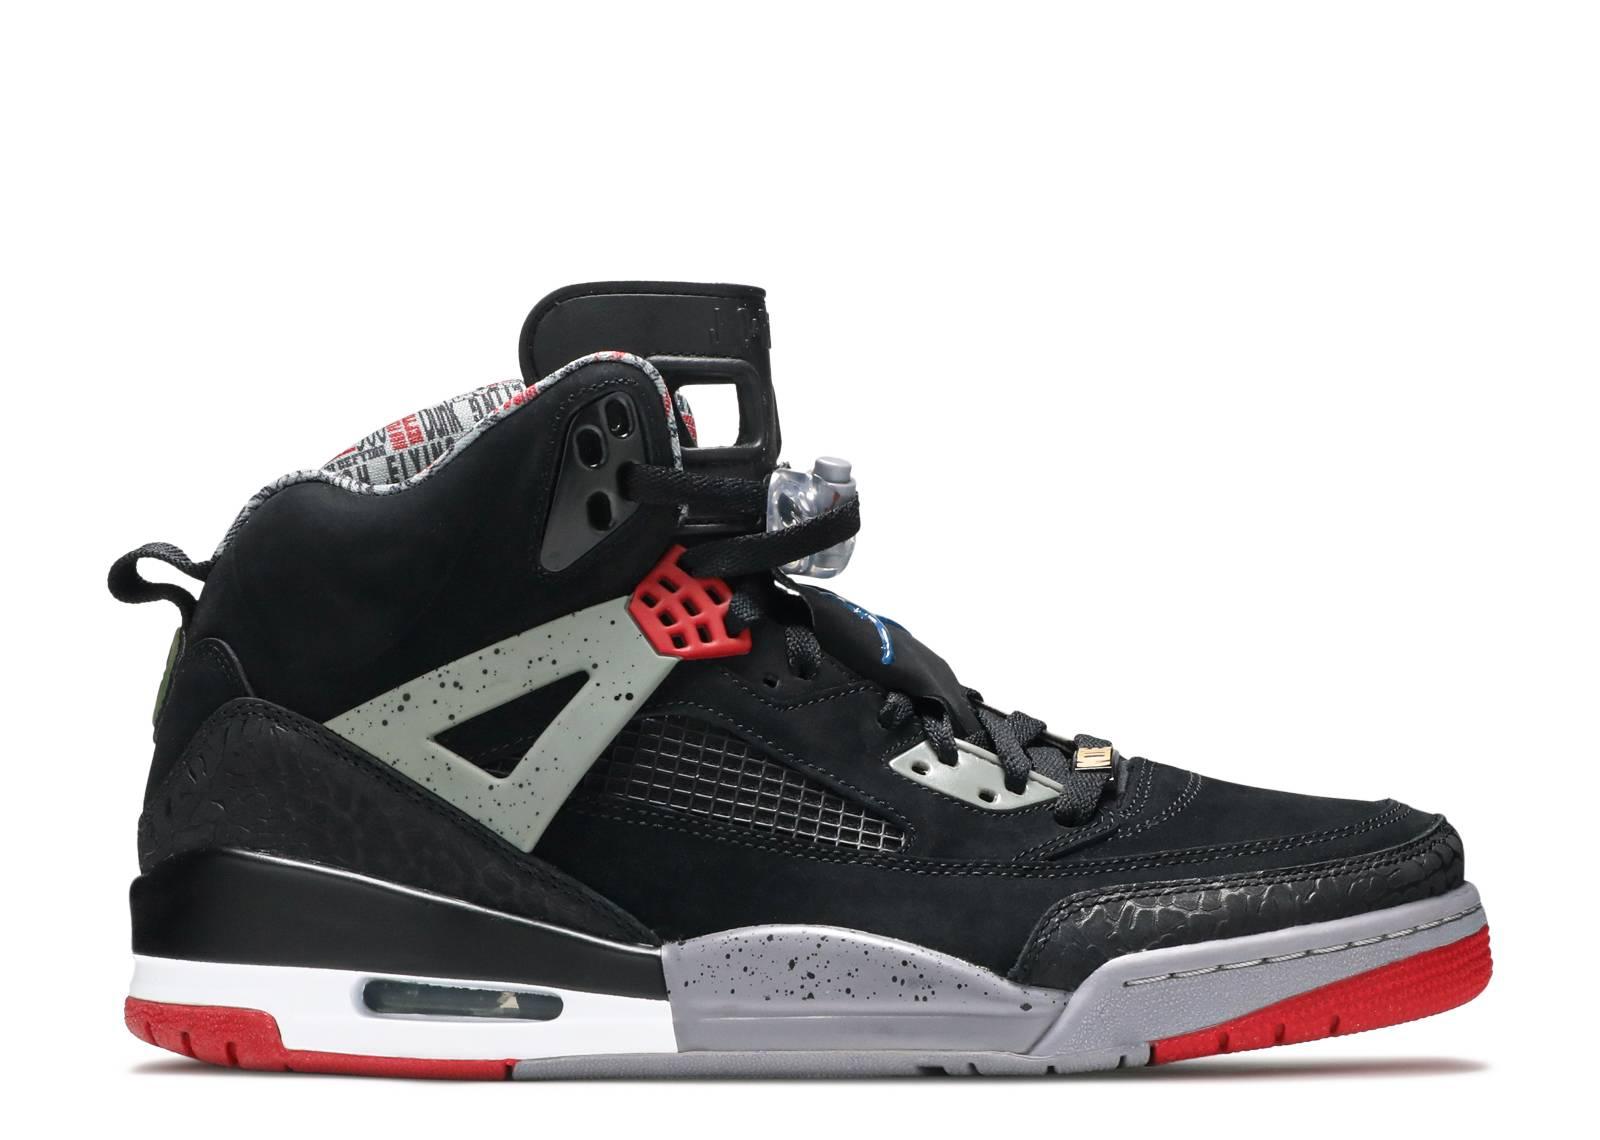 Original Nike Air Jordan Spizike Black Red Cement Size 12